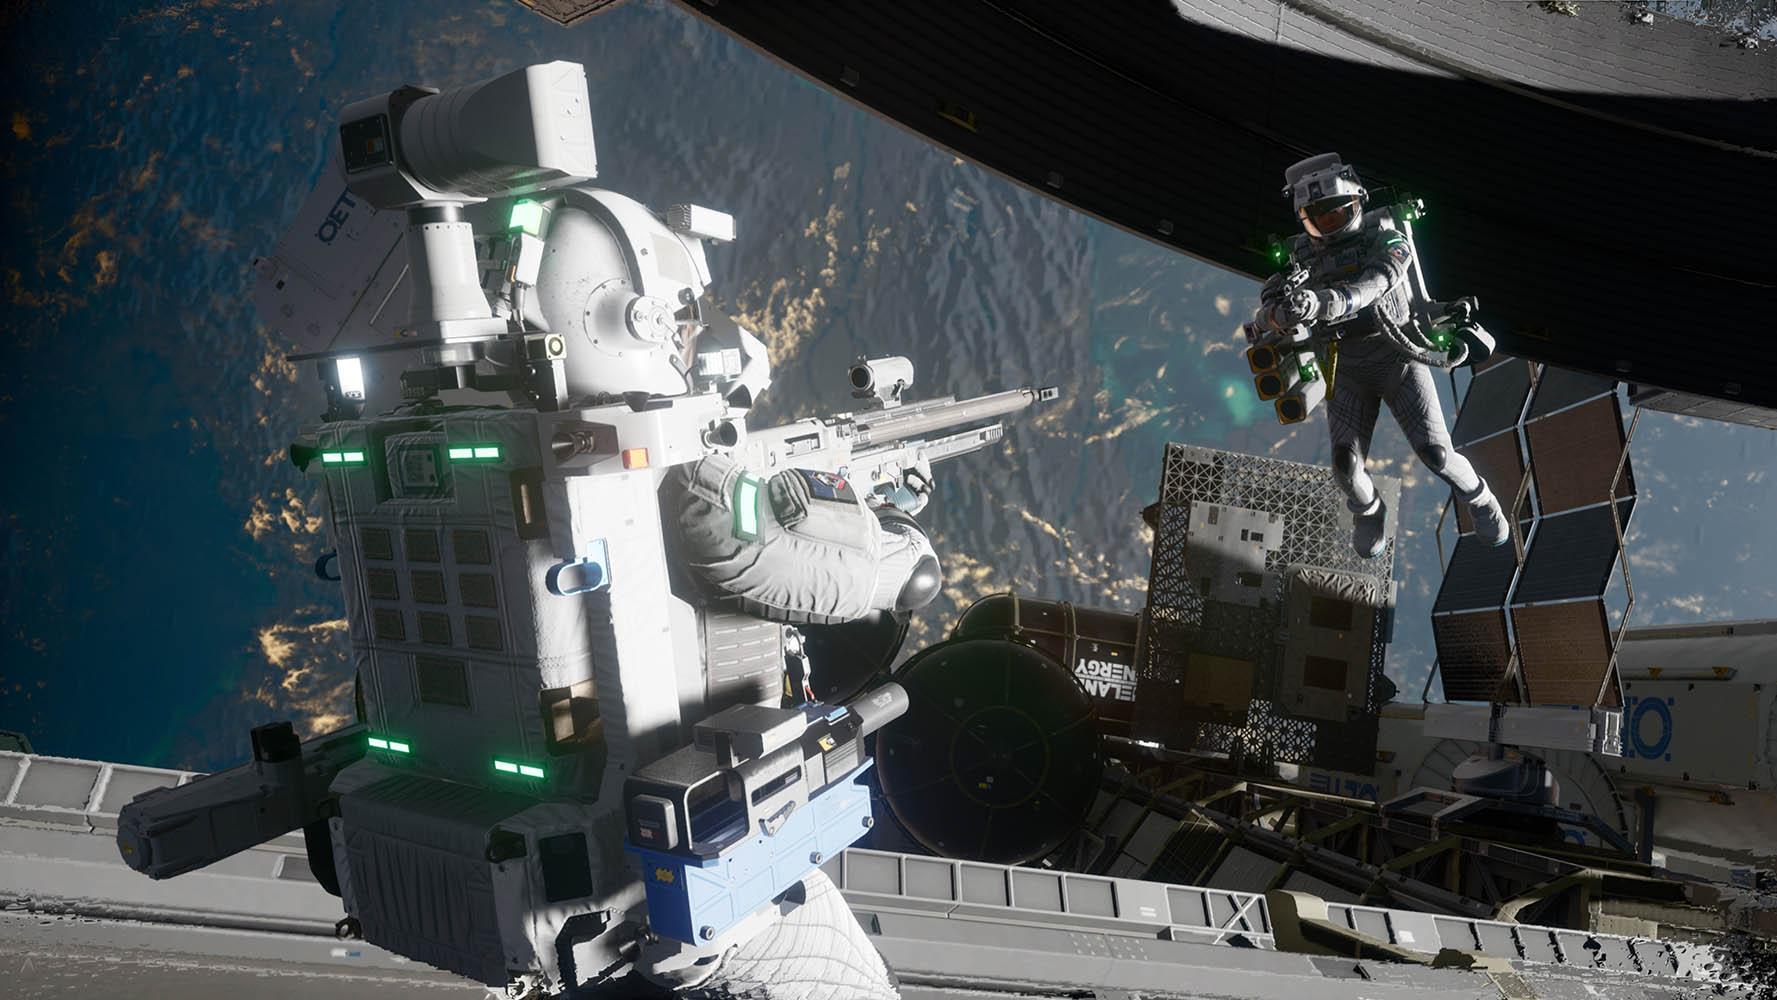 Вышел новой трейлер Boundary. Игру называют Call of Duty в космосе